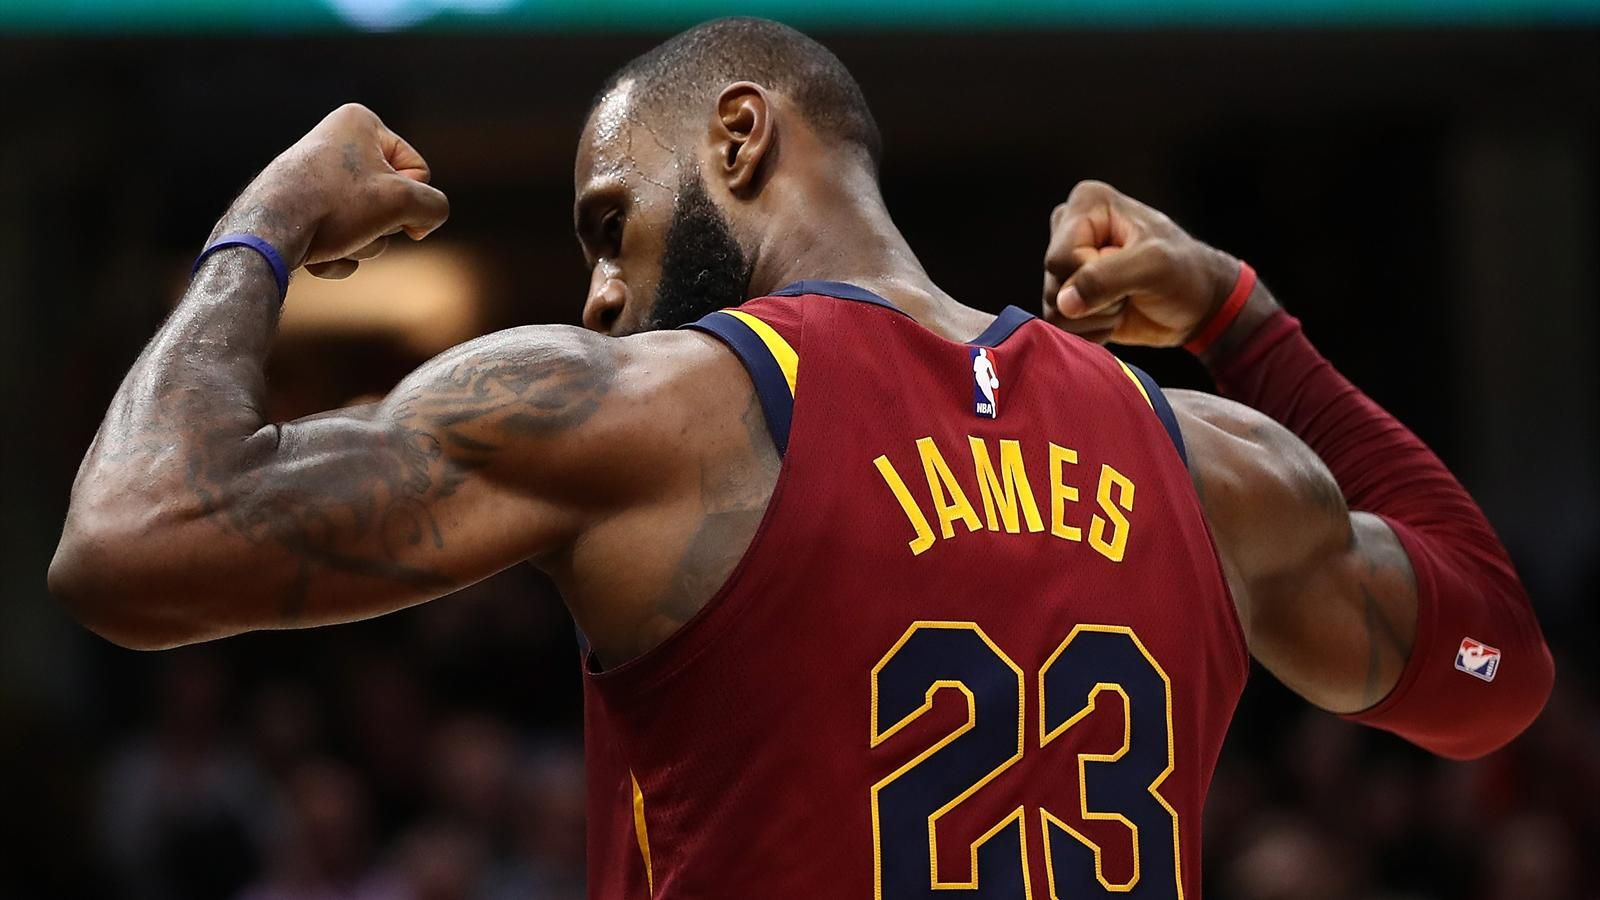 James, qui dispute à 33 ans sa 15e saison en NBA, a dépassé le précédent record de onze sélections qu'il codétenait avec Kobe Bryant et Karl Malone. (crédit photo : AFP)